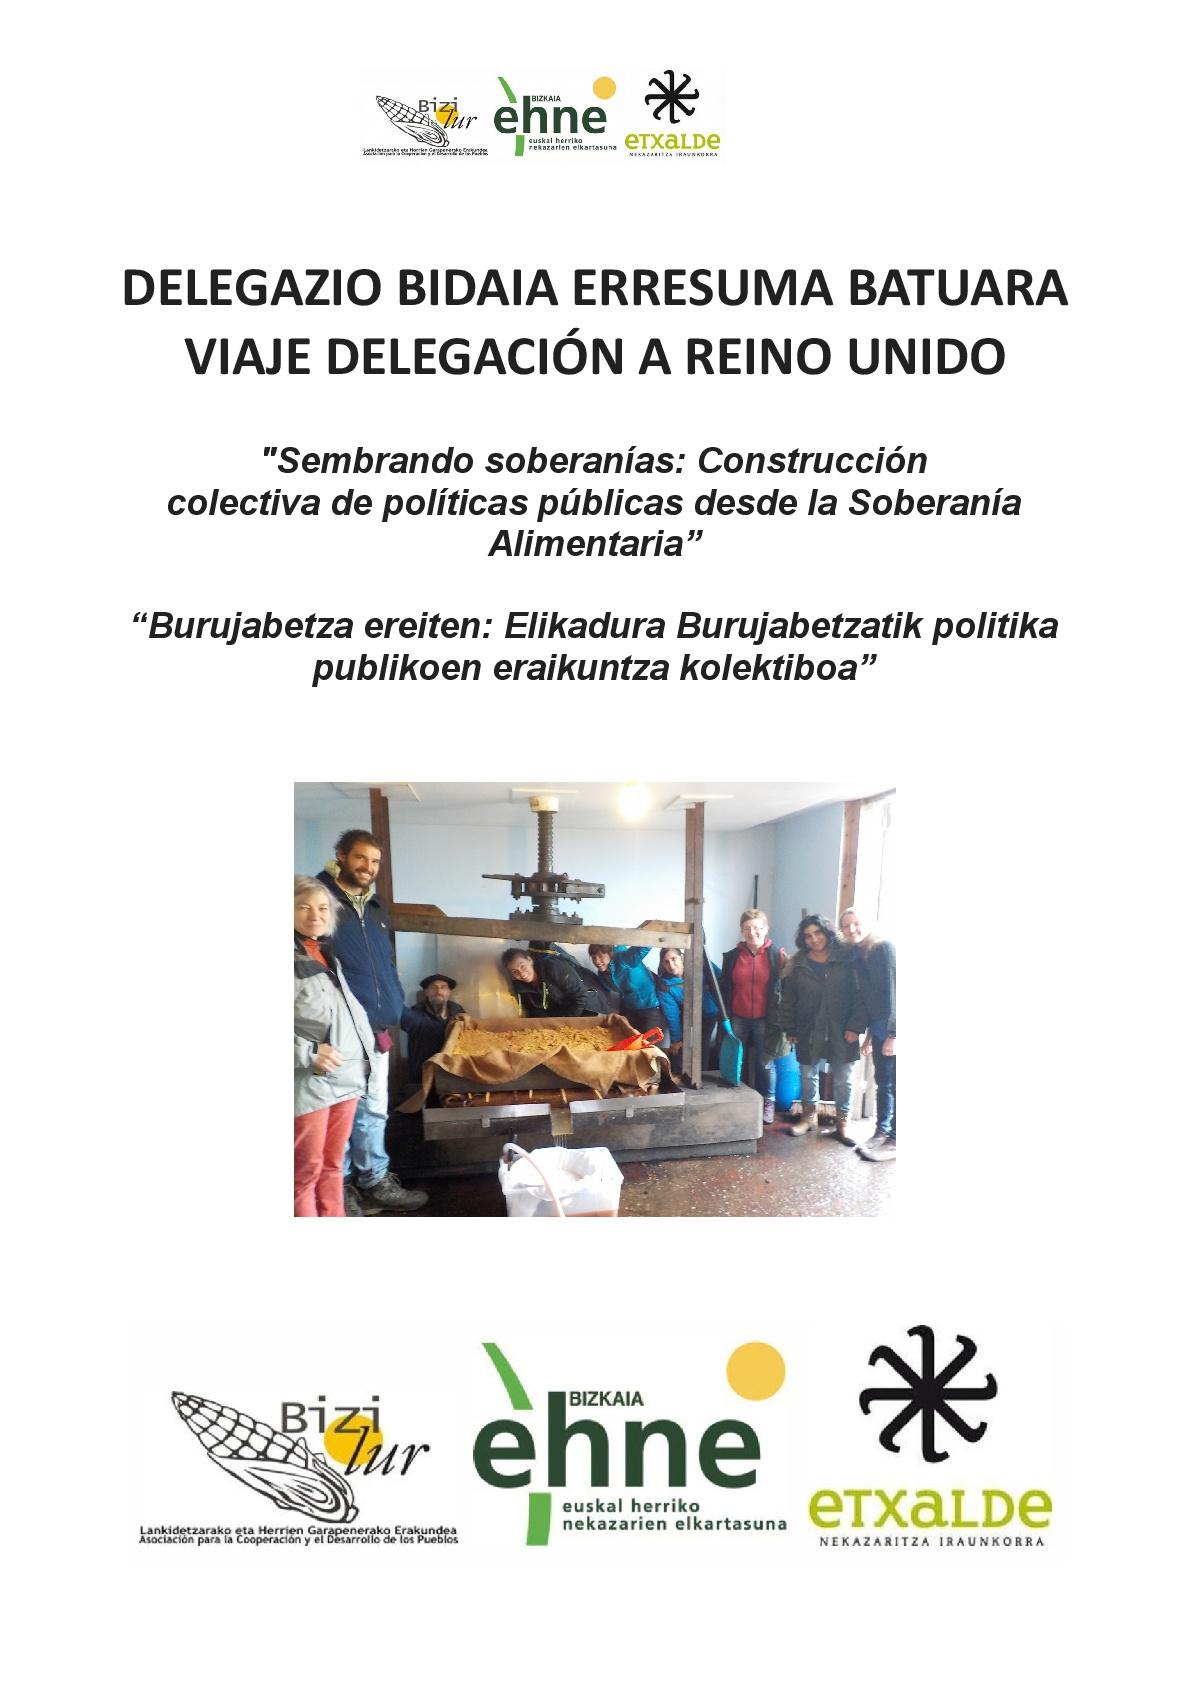 POLITIKA PUBLIKOAK EB-N portada